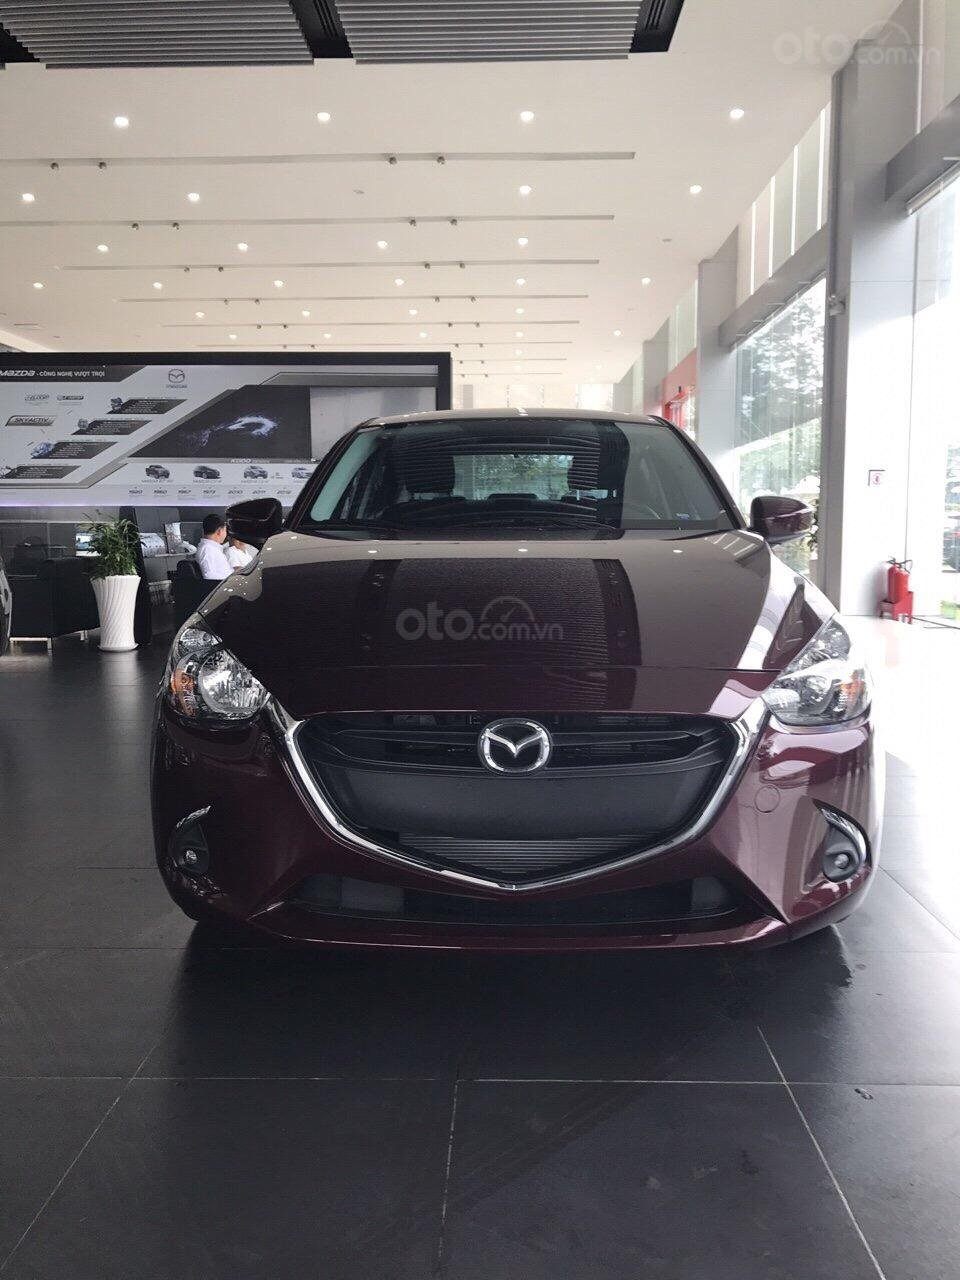 Mazda Hà Đông bán xe Mazda 2 đủ màu, đủ phiên bản giao ngay - LH: 0944601785 để nhận thêm ưu đãi-2